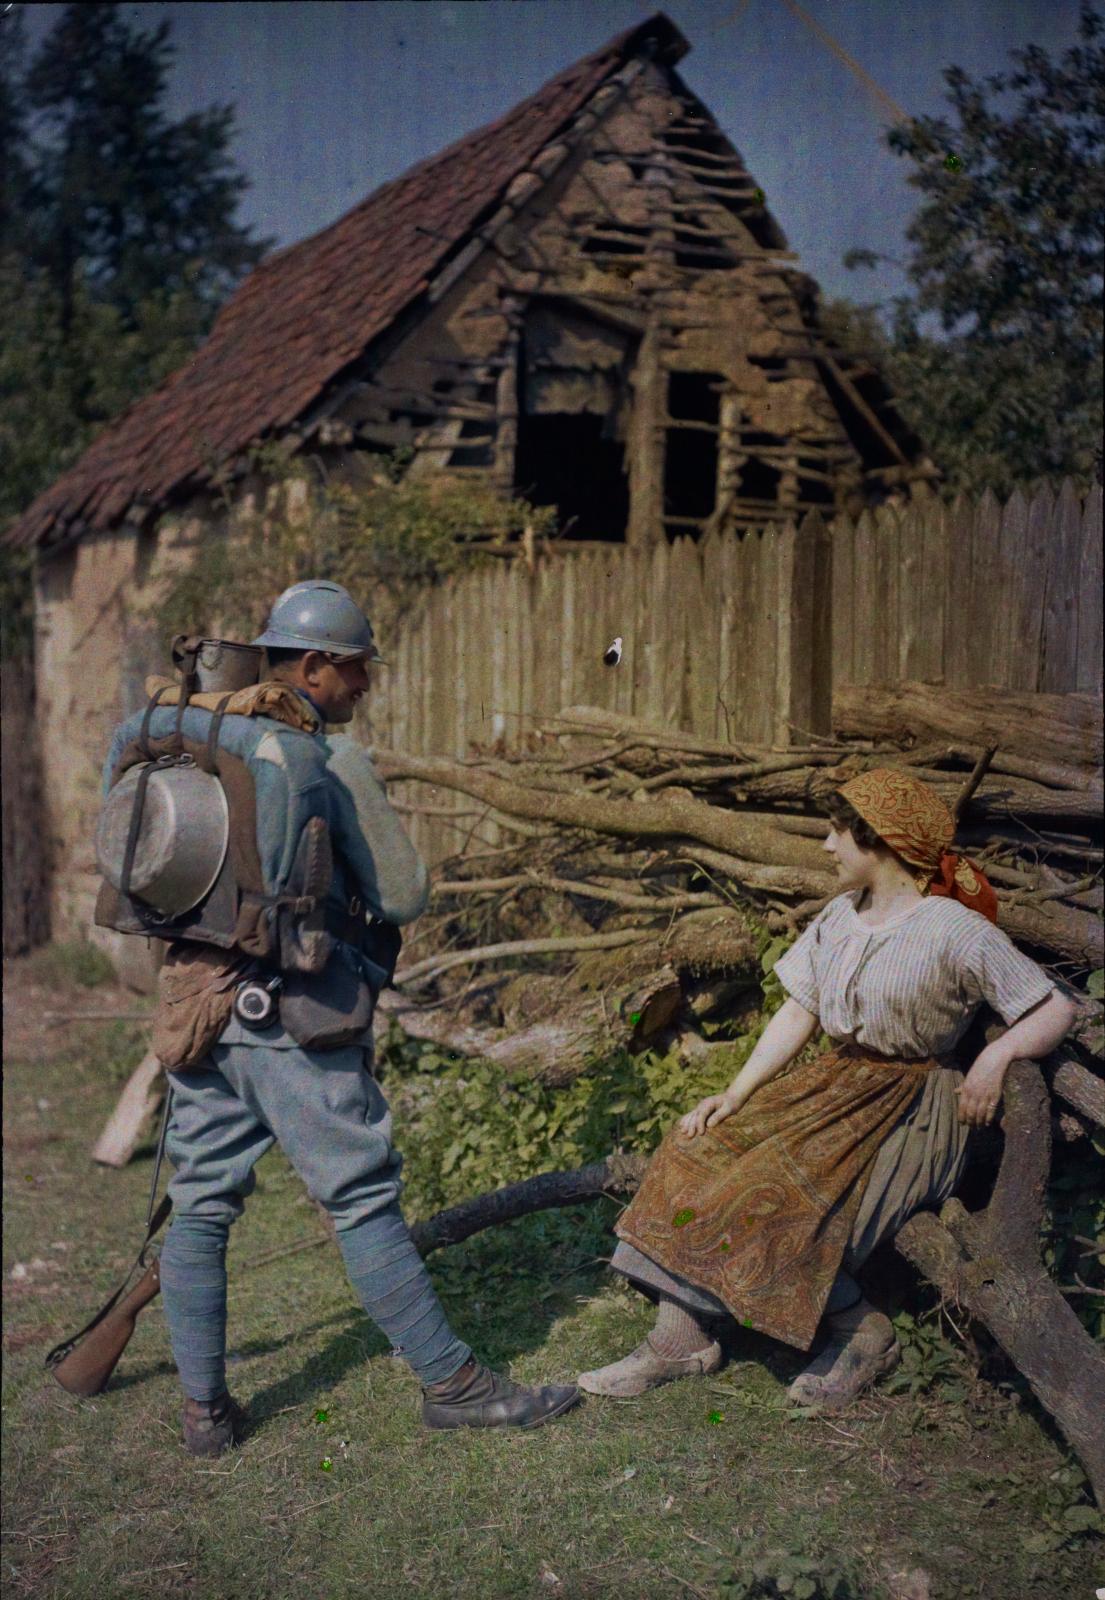 Jean-Baptiste Tournassoud(1866-1951), Conversation entre un poilu et une paysanne, 14-18, autochrome.